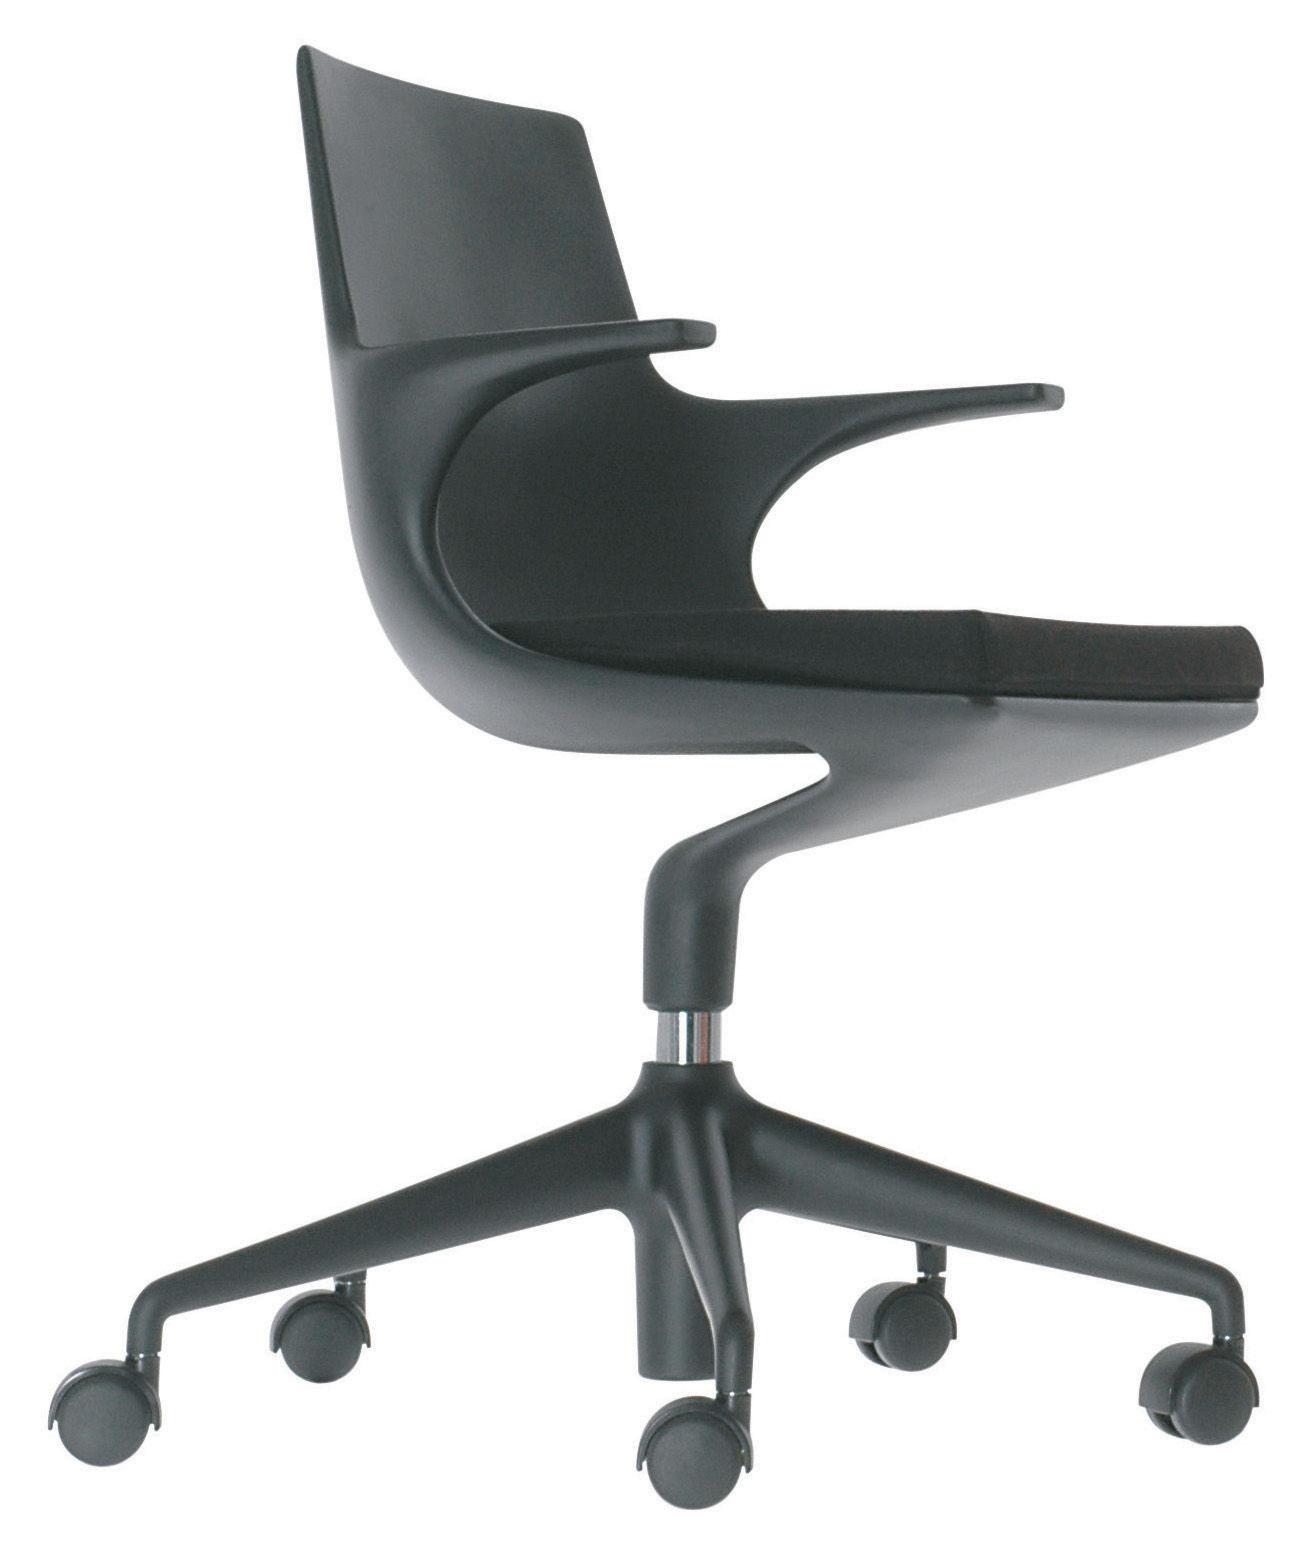 Möbel - Möbel für Teens - Spoon Chair Sessel mit Rollen - Kartell - Schwarz / Kissen schwarz - Polypropylen